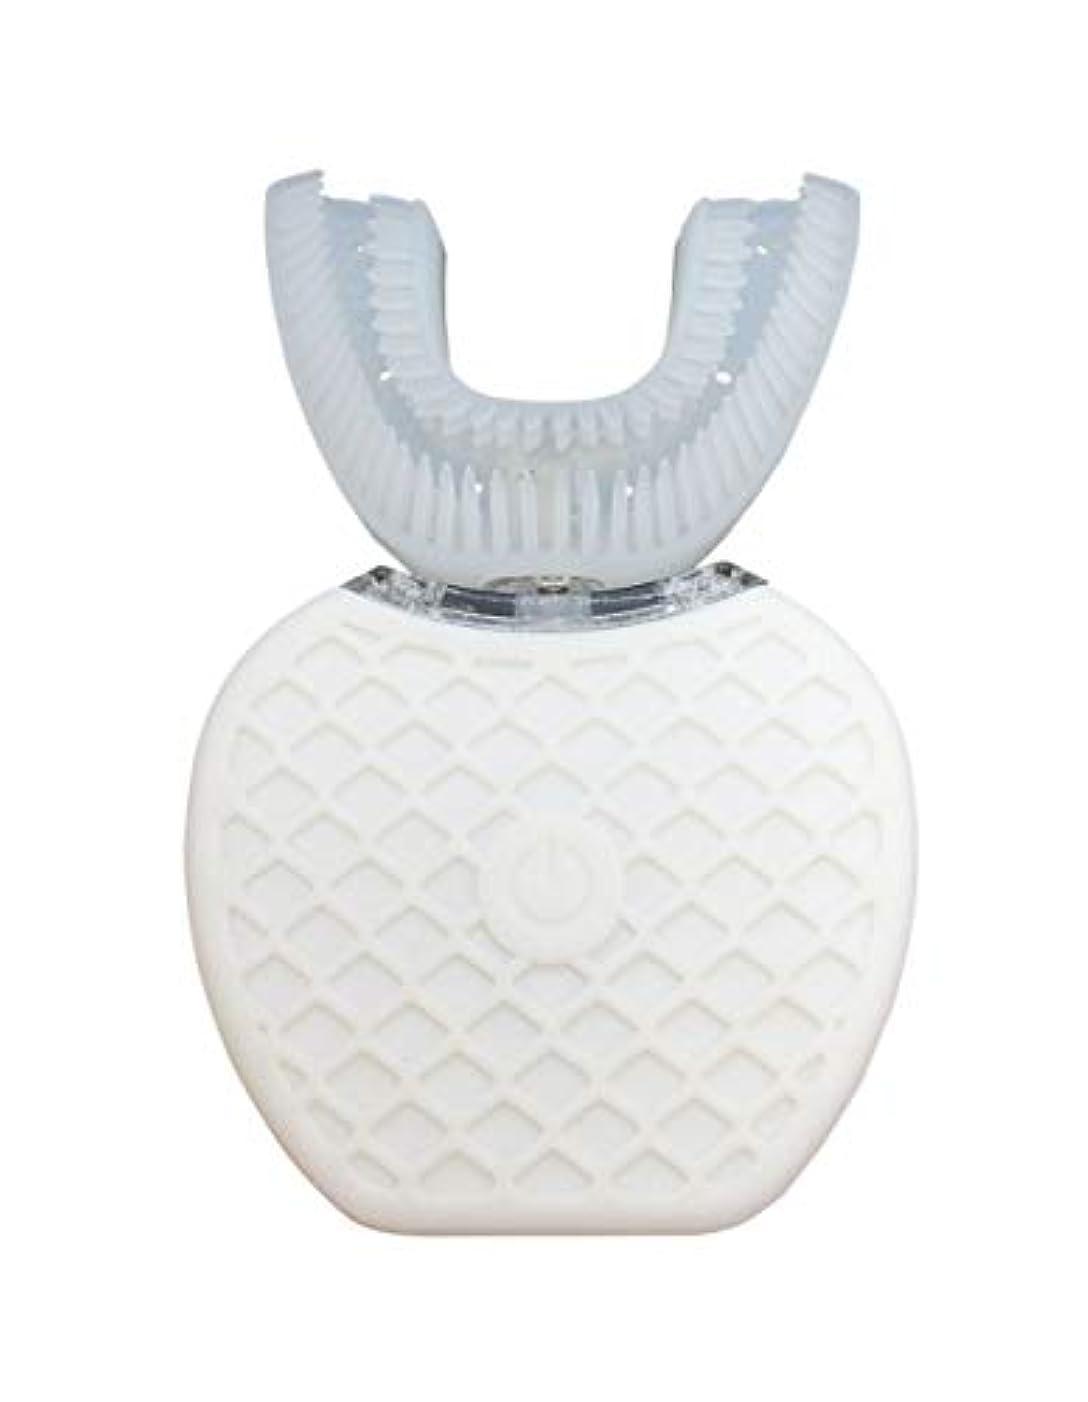 コカイン大邸宅感度Broadwatch 電動歯ブラシ U型 360° 全方位 360度 4段調節 IPX7レベル防水 自動 歯ブラシ ホワイトニング